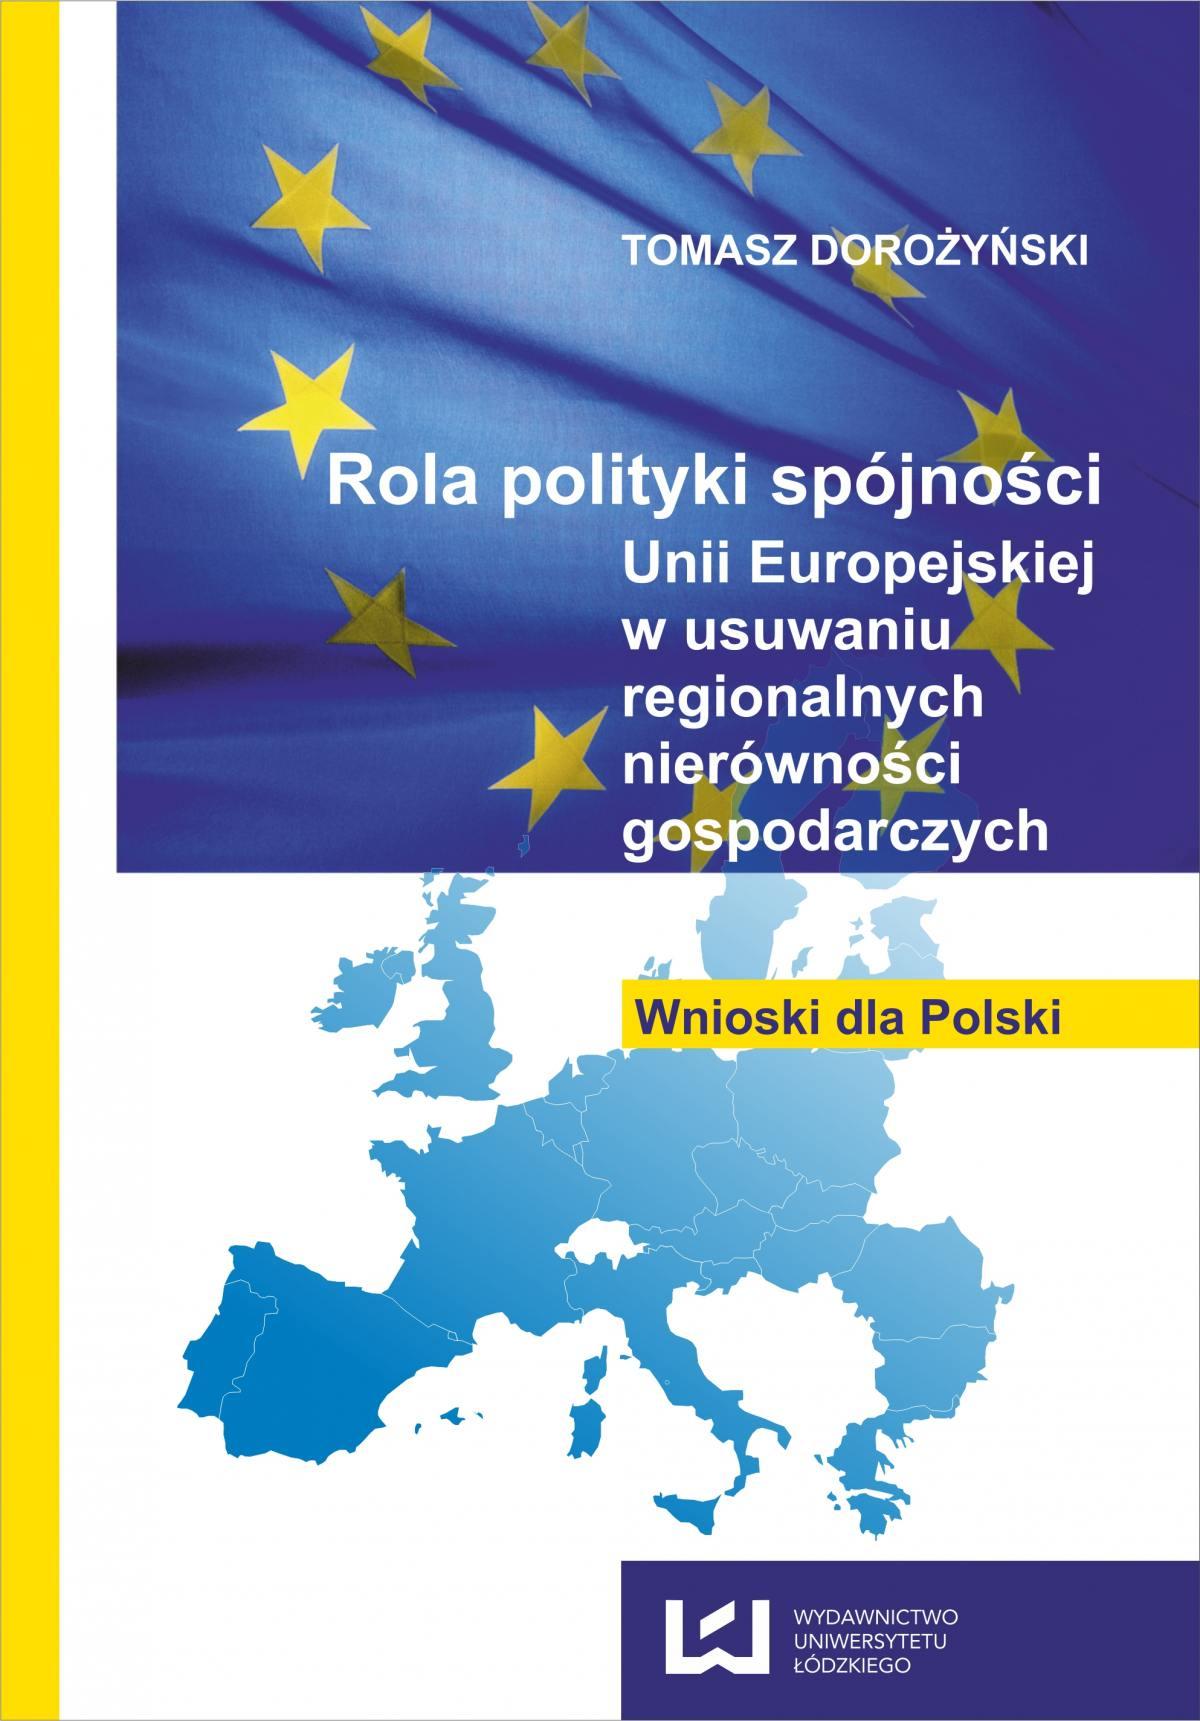 Rola polityki spójności Unii Europejskiej w usuwaniu regionalnych nierówności gospodarczych. Wnioski dla Polski - Ebook (Książka PDF) do pobrania w formacie PDF